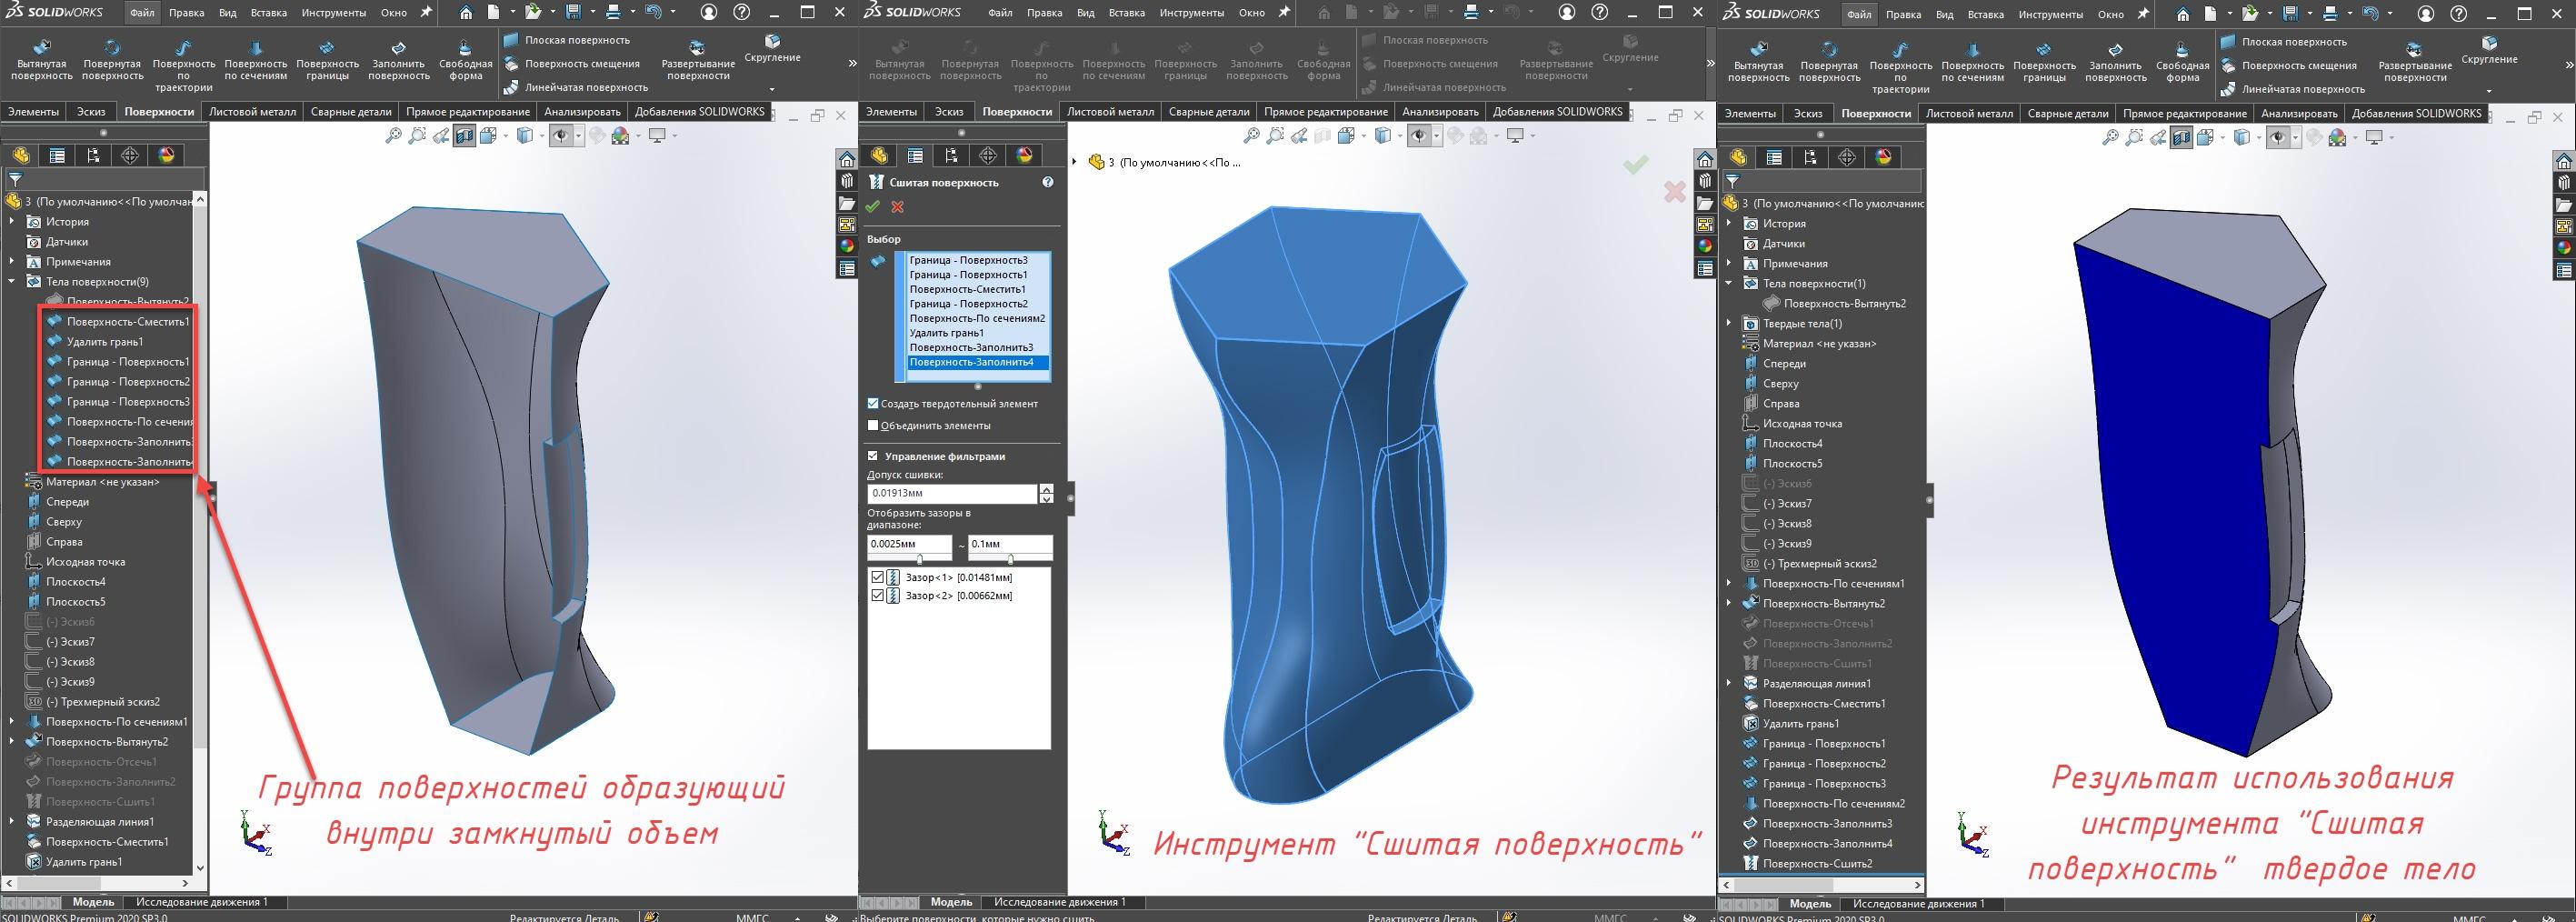 olidworks поверхности, Solidworks инструменты поверхностного проектирования,  SOLIDWORKS сшить поврехность, SOLIDWORKS сшитая поверхность, сшитая поврехность